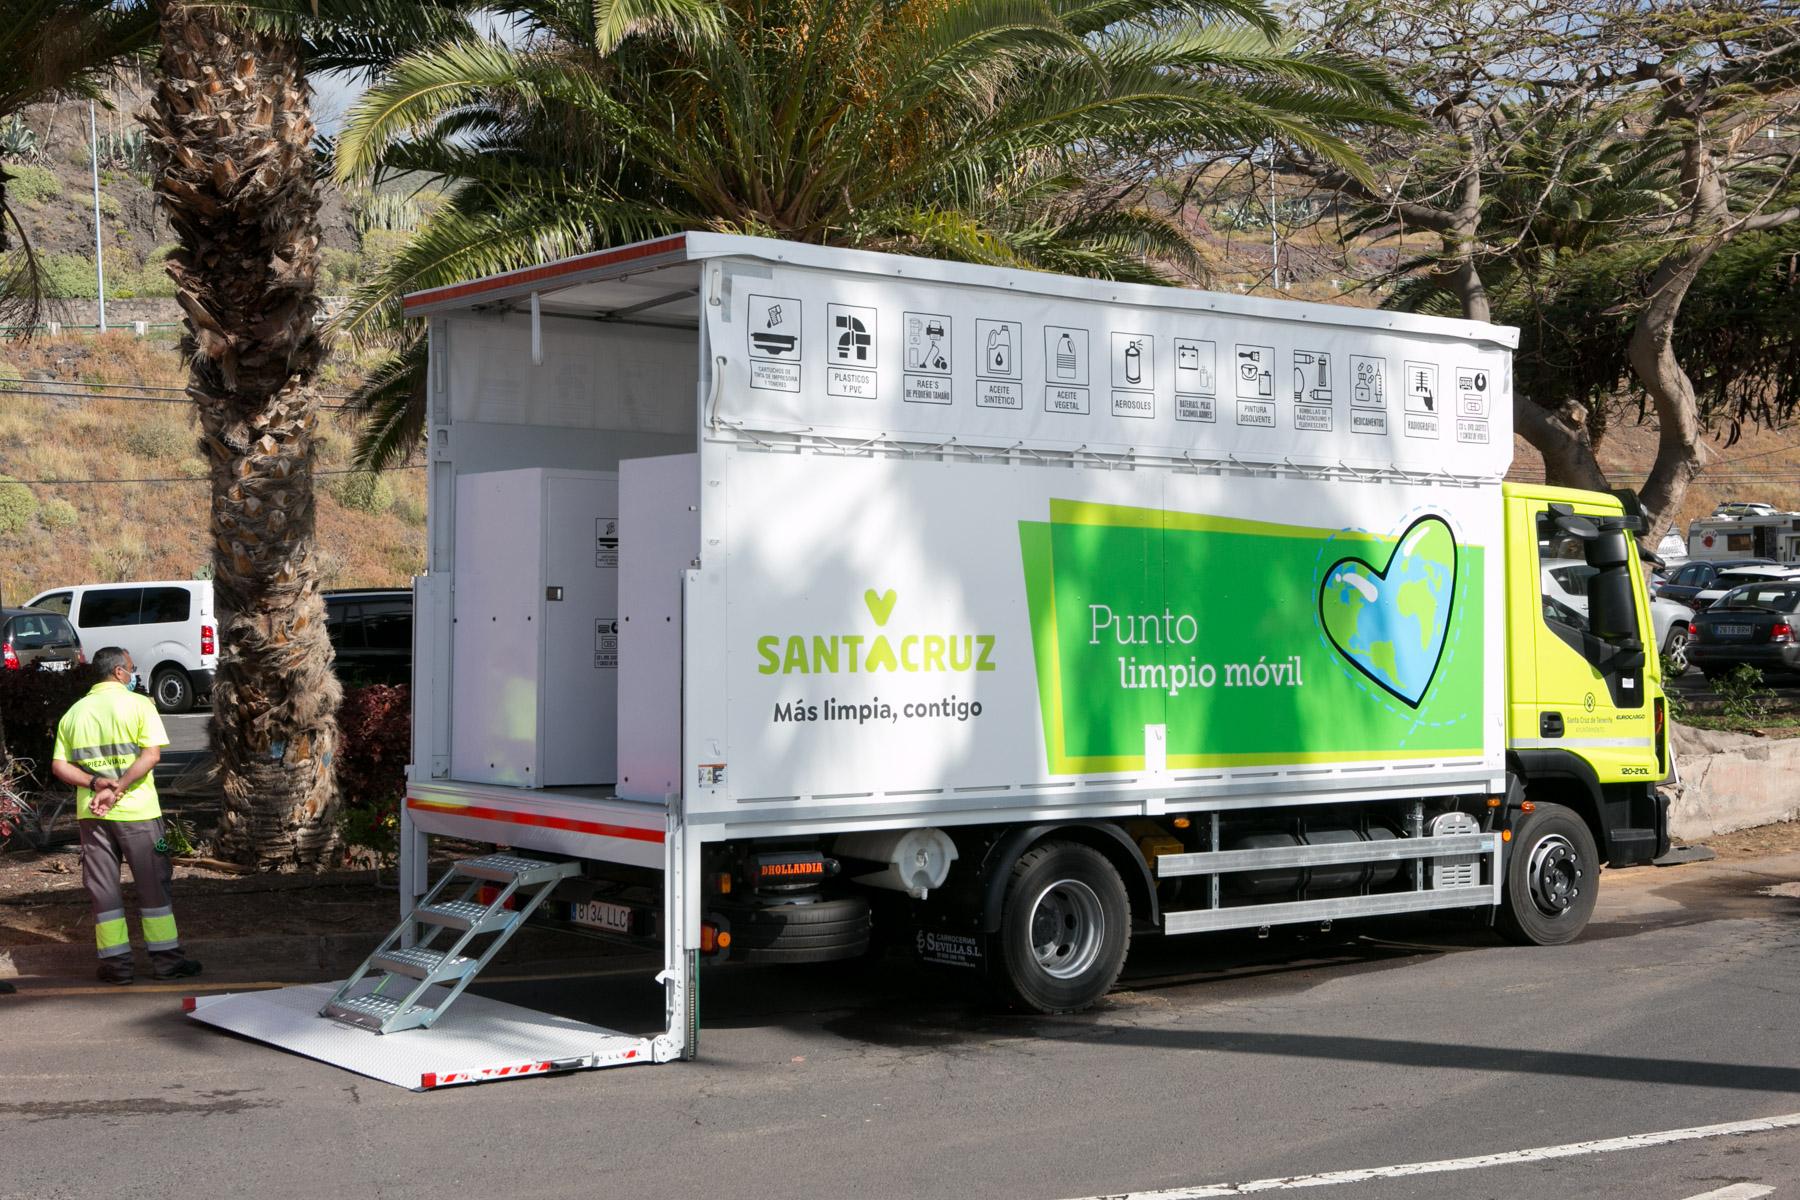 Punto Limpio móvil de Santa Cruz de Tenerife / CanariasNoticias.es